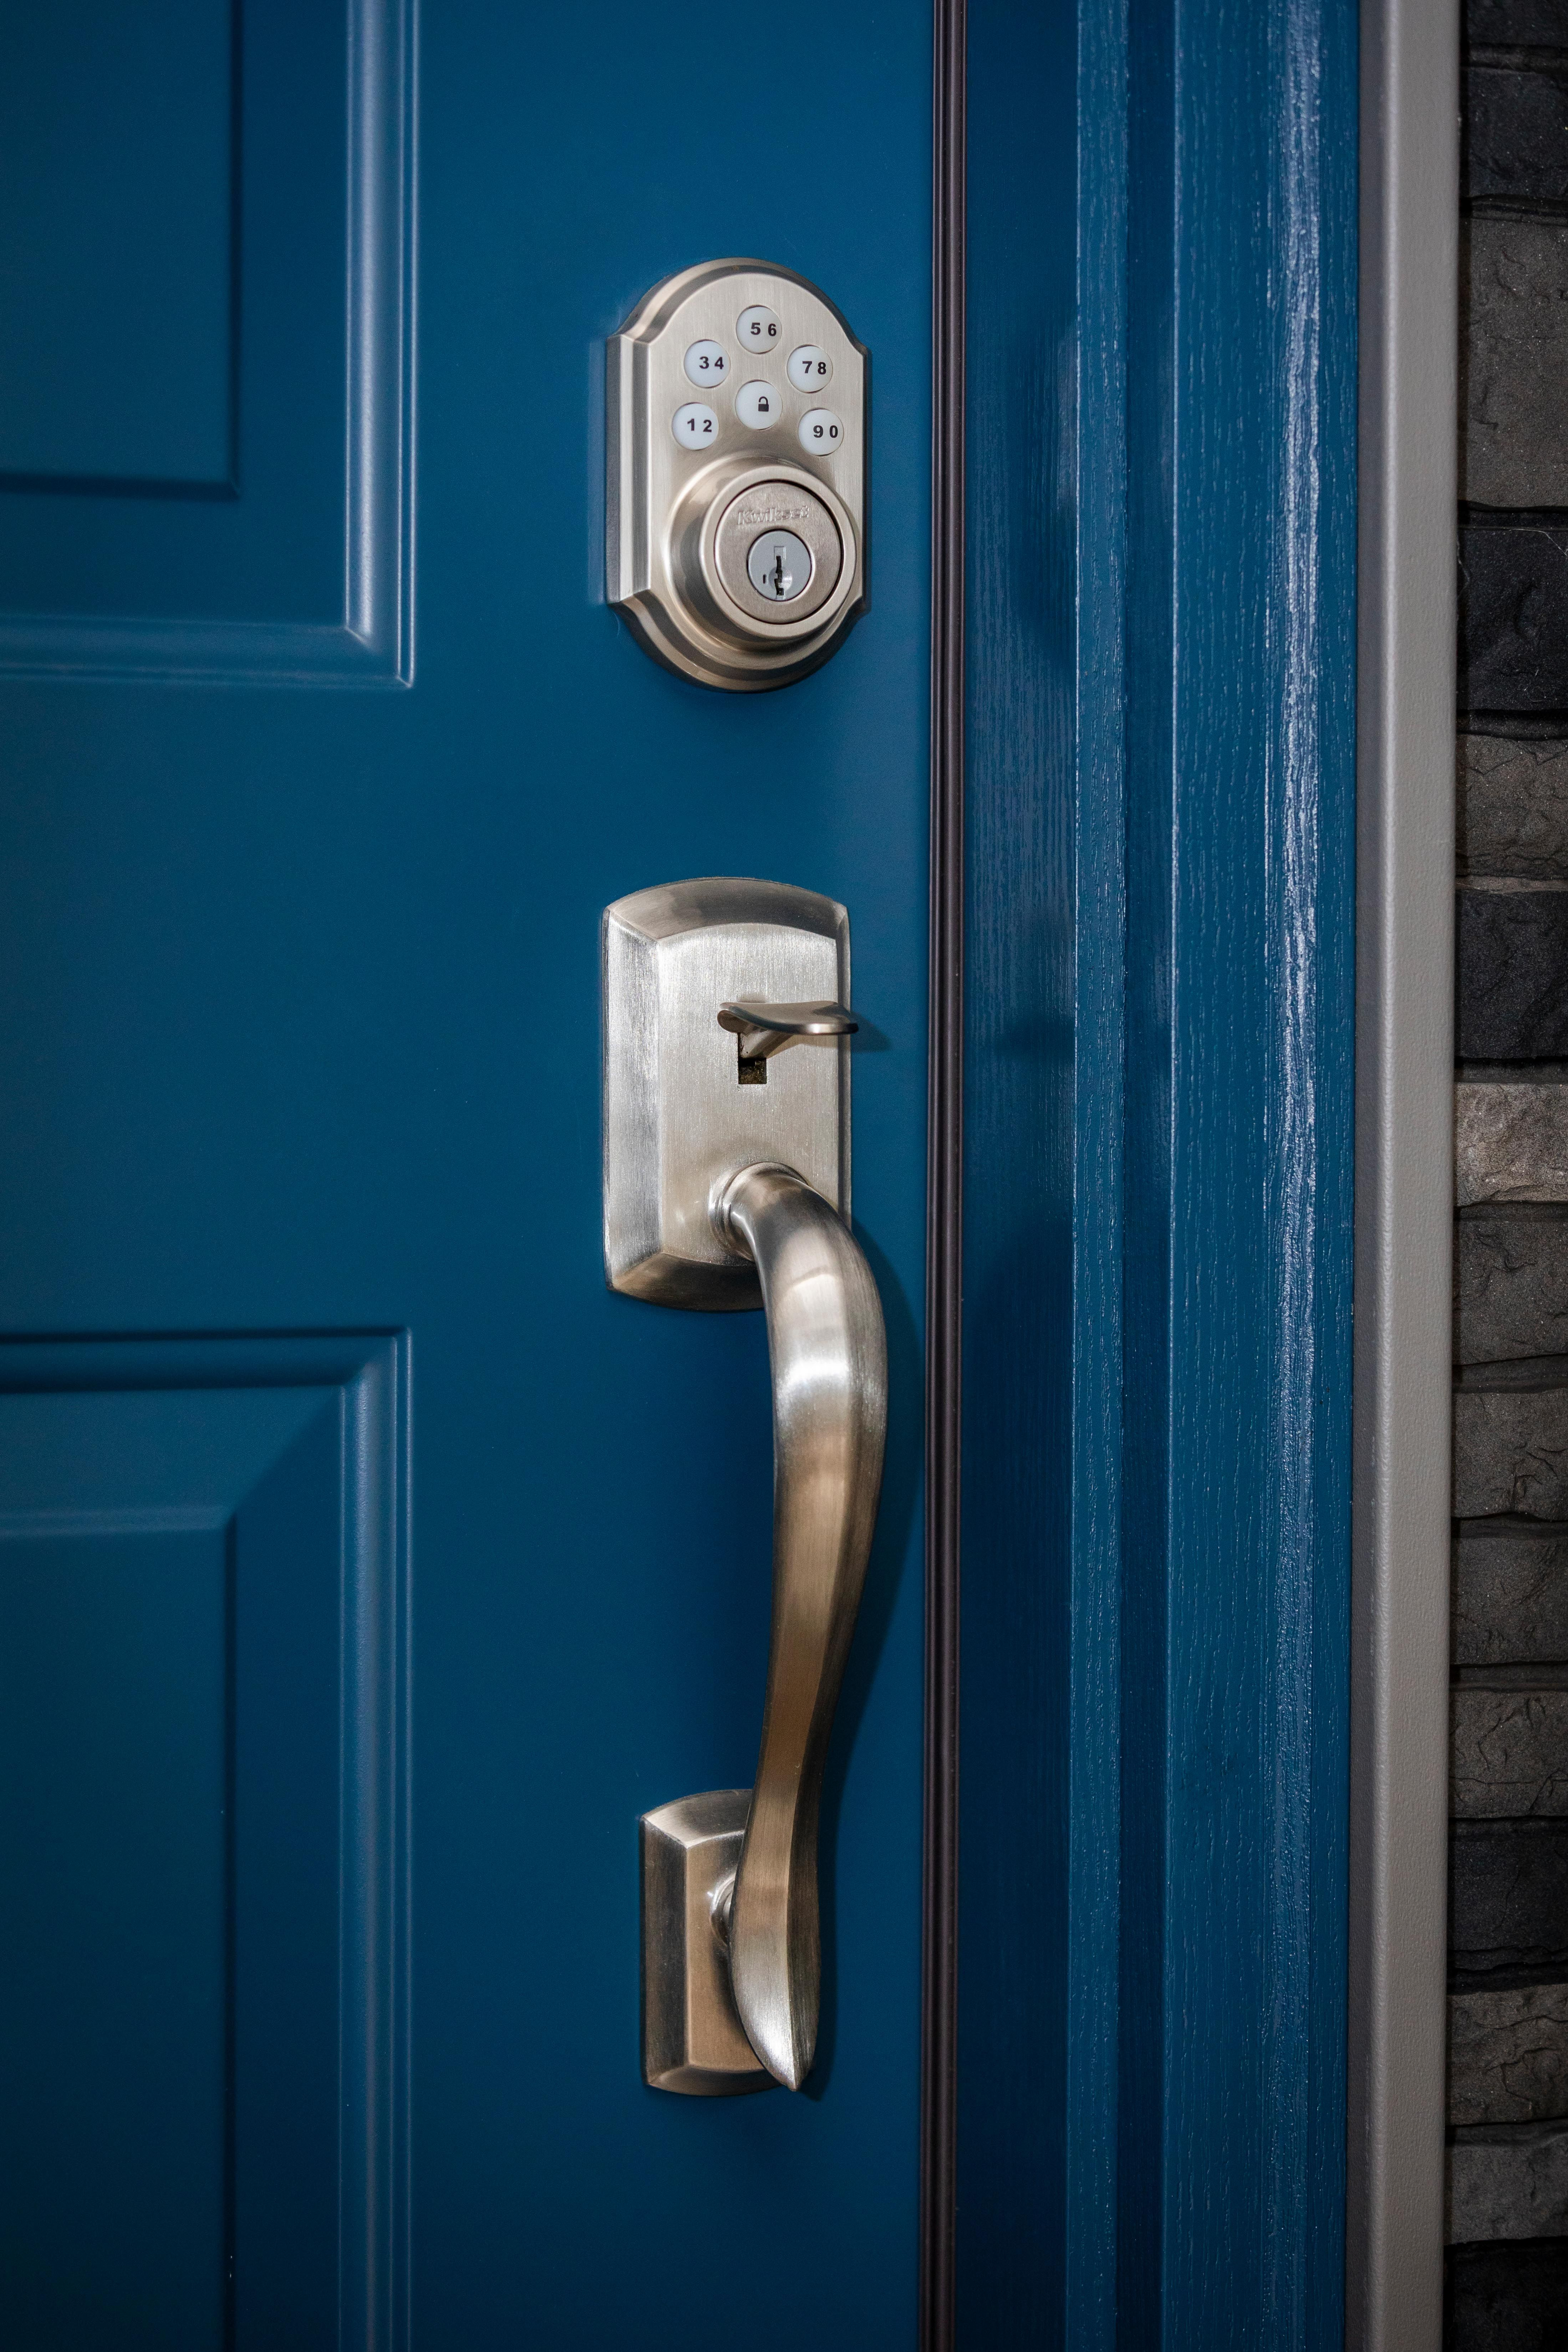 Photo Gallery Replacement Windows Entry Doors Roofing And Vinyl Siding Styles And Colors Keypad Door Locks Door Locks Front Door Handles